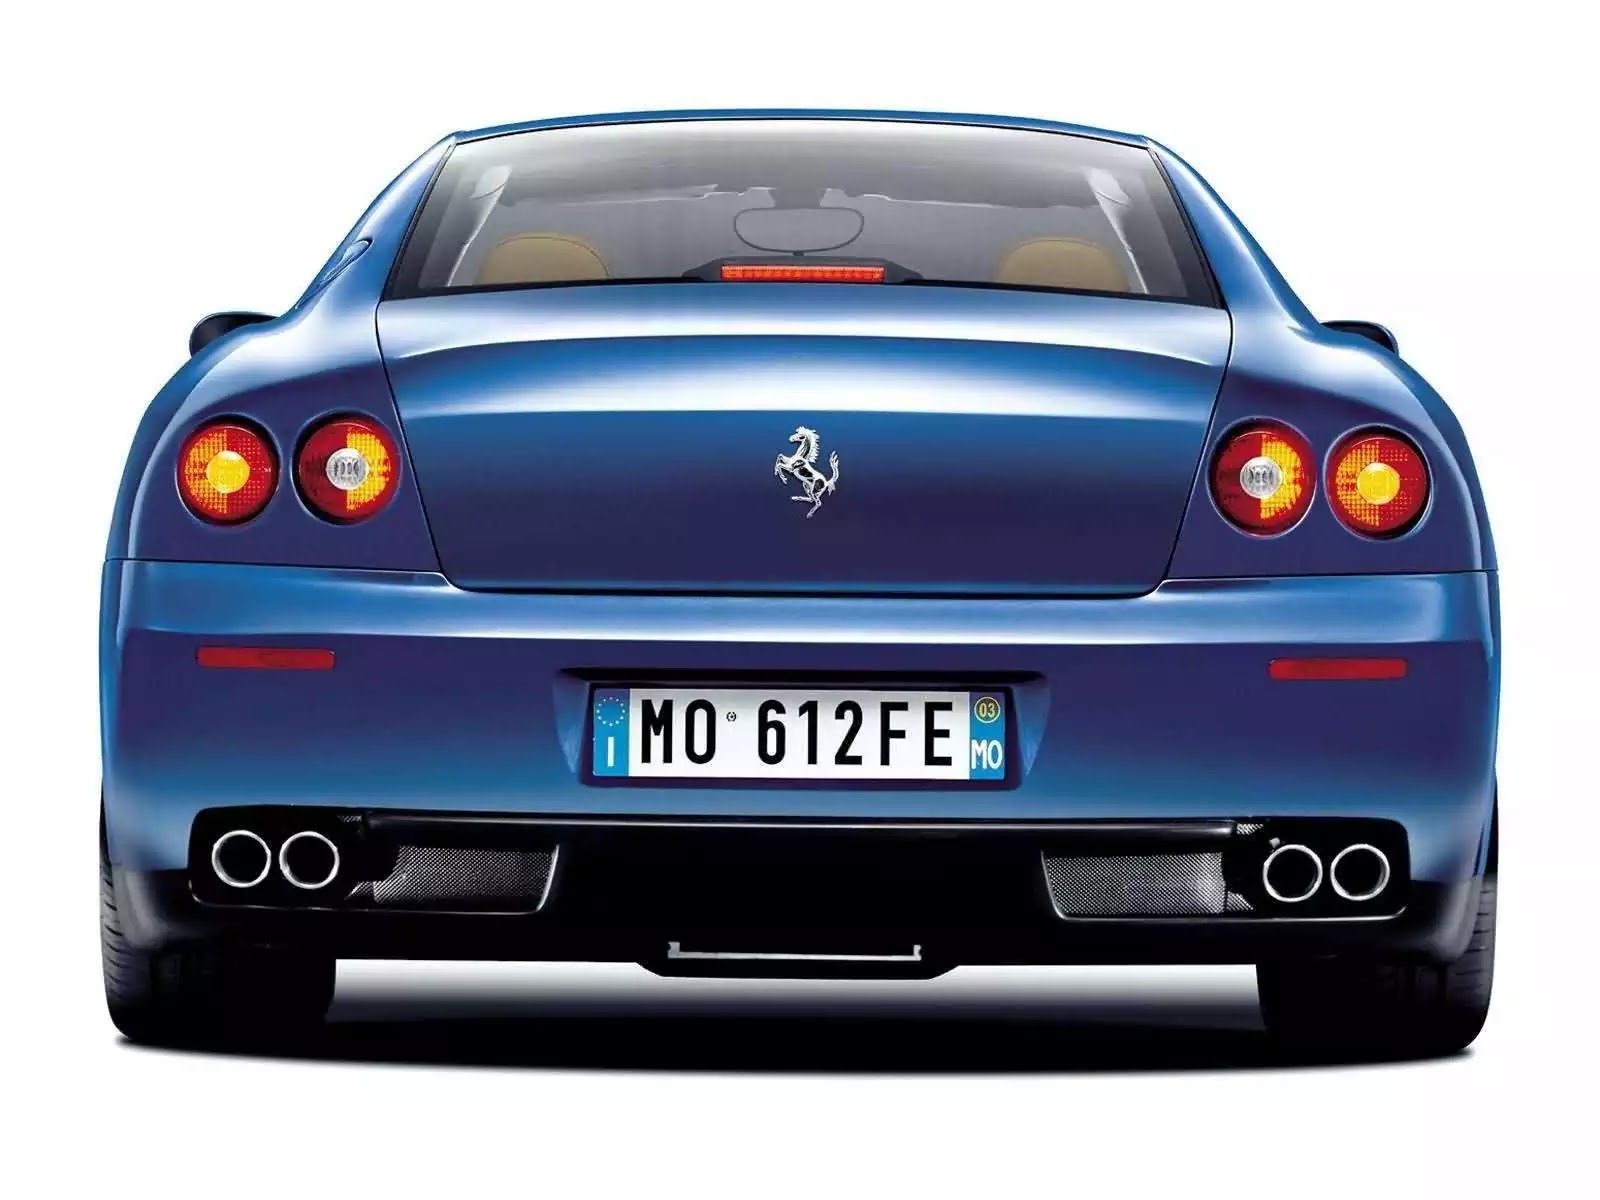 Hình ảnh siêu xe Ferrari 612 Scaglietti 2004 & nội ngoại thất